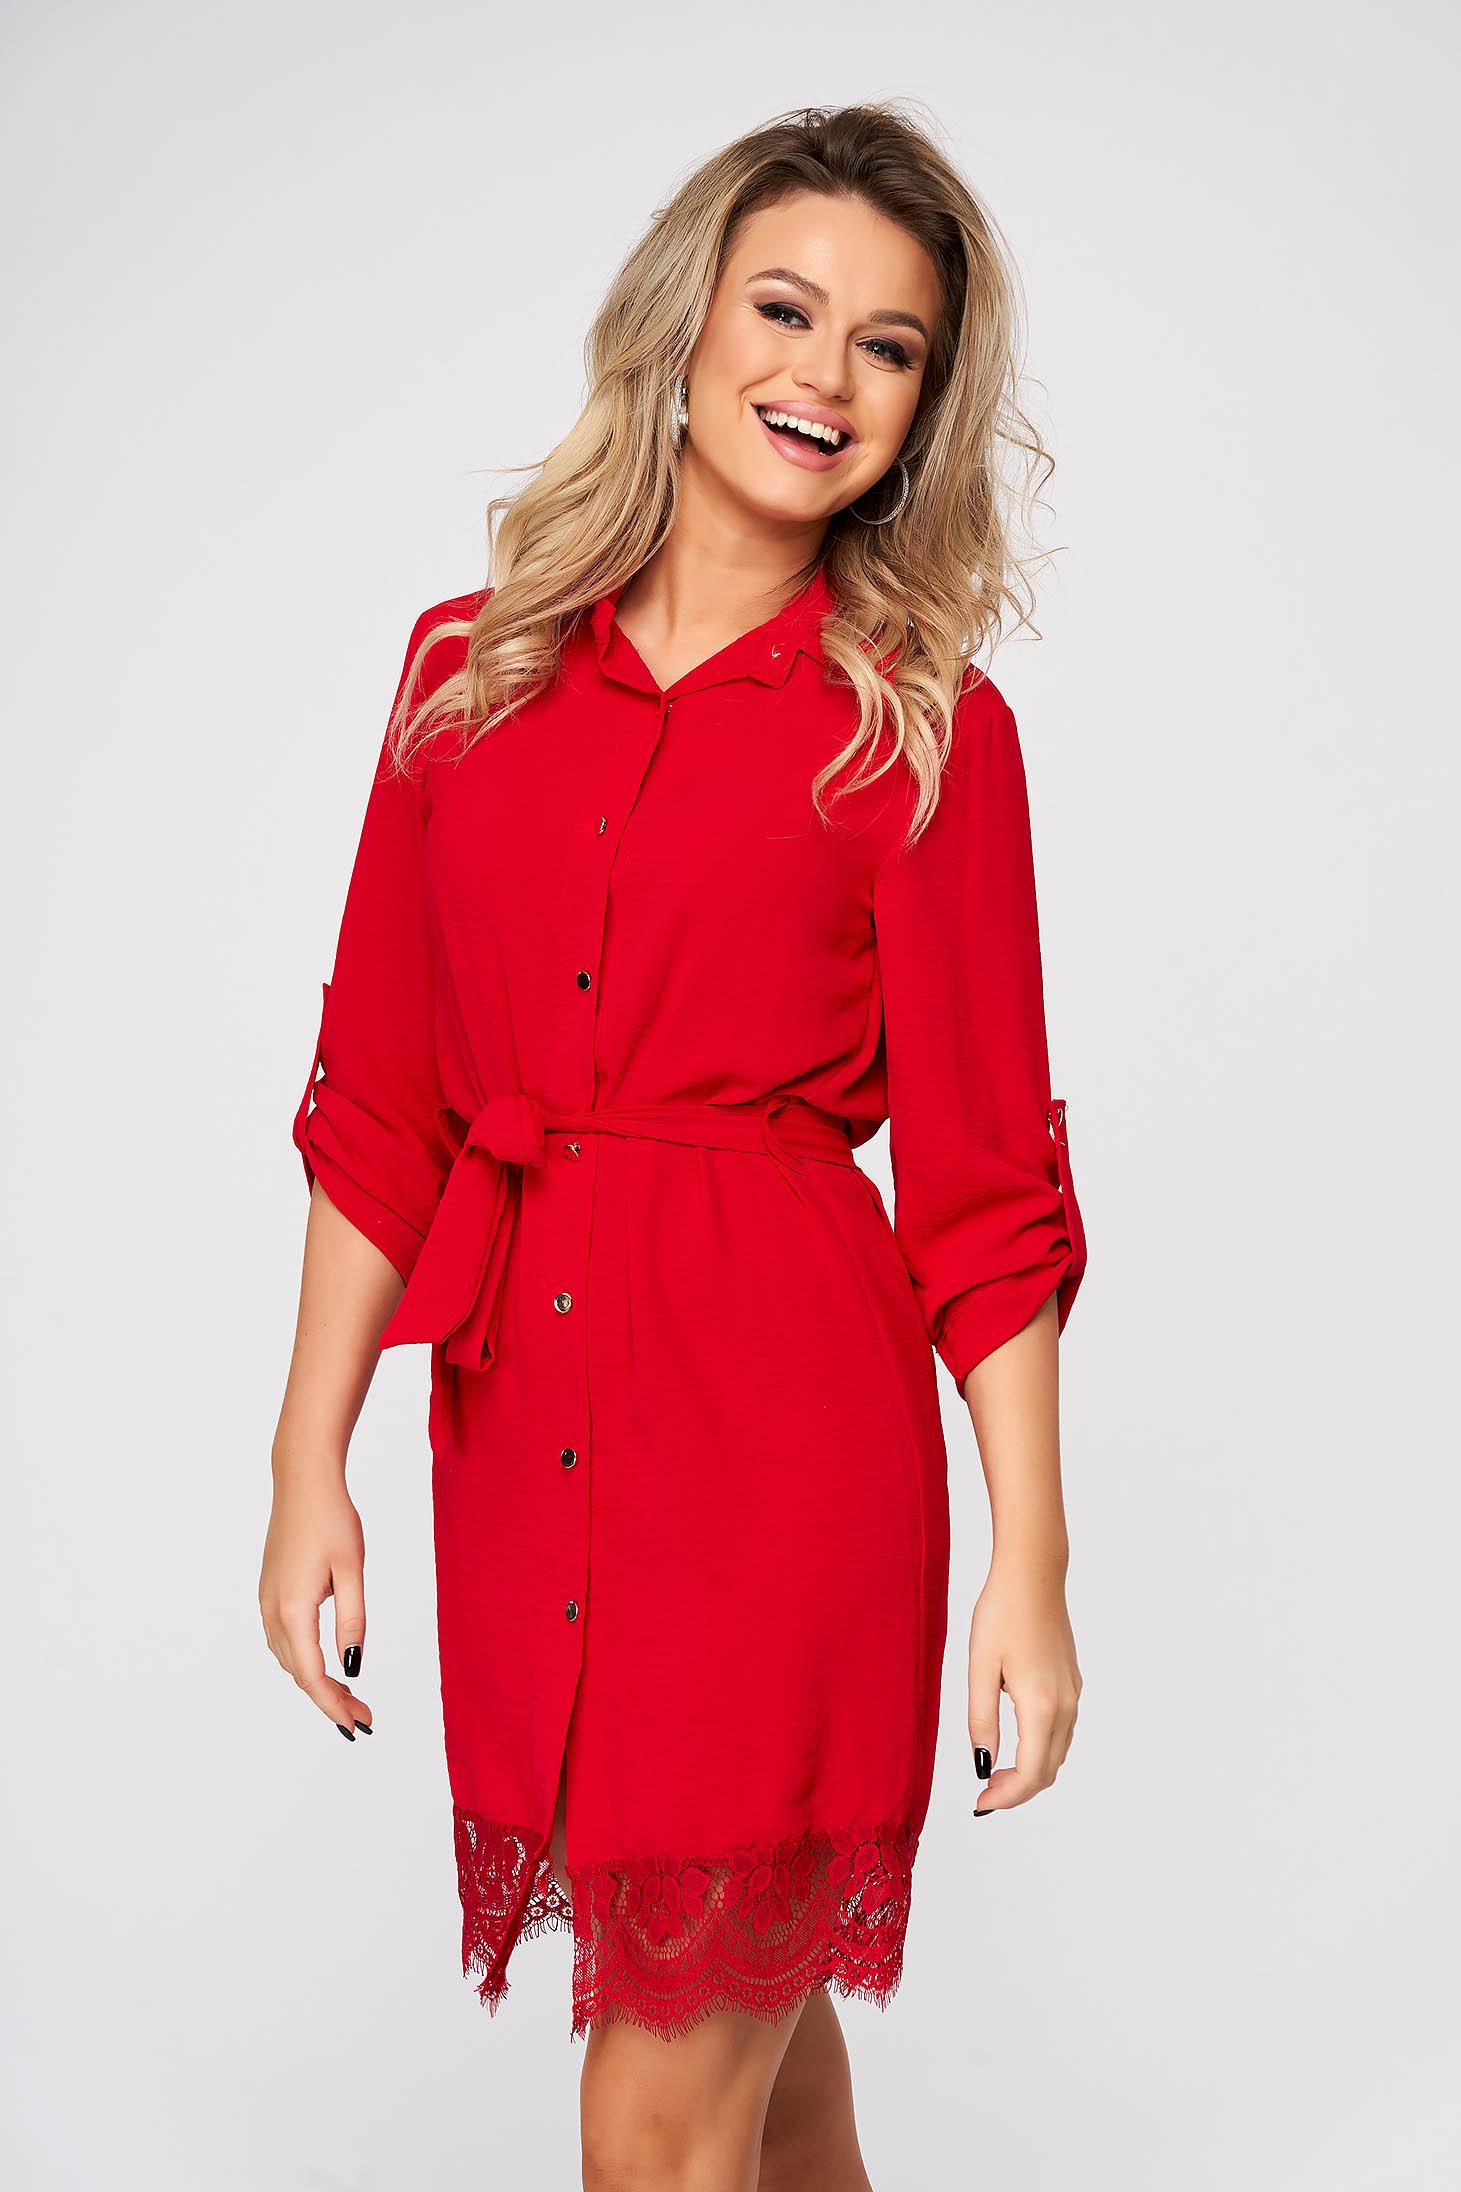 Piros rövid egyenes hétköznapi ruha csipke díszítéssel vékony anyag